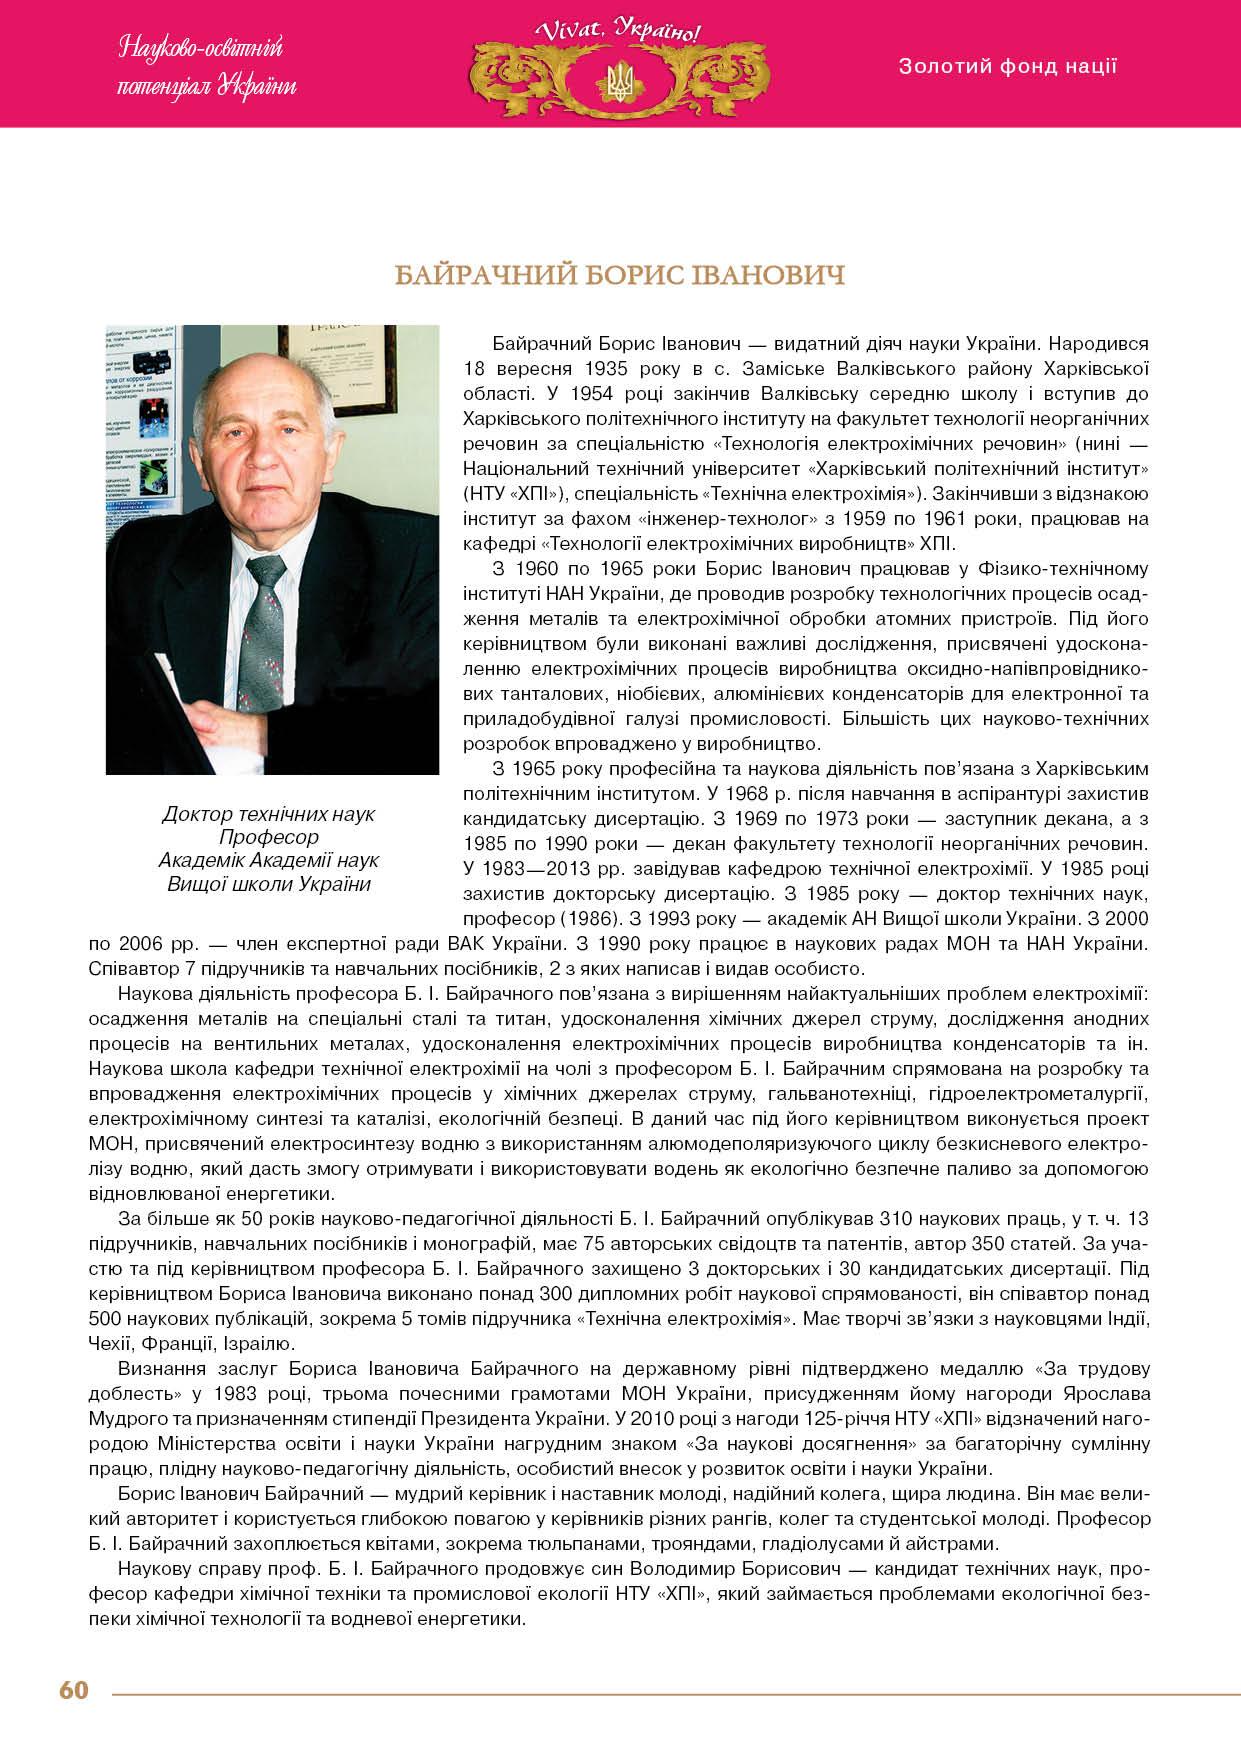 Байрачний Борис Іванович